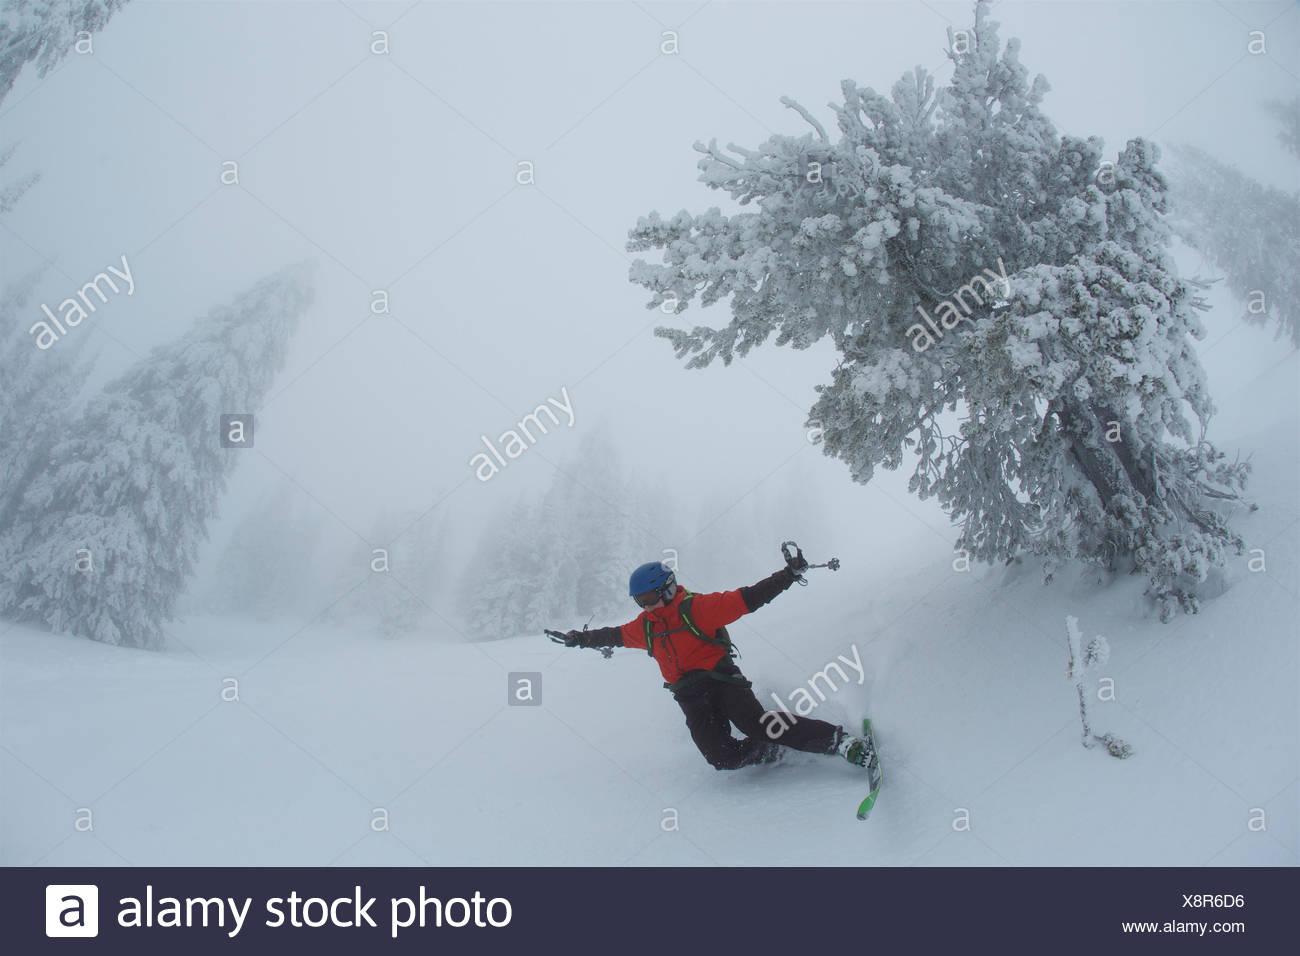 Un jovencito cae mientras esquía en condiciones de niebla, whiteout cerca de escarcha cubiertos de árboles de coníferas. Imagen De Stock